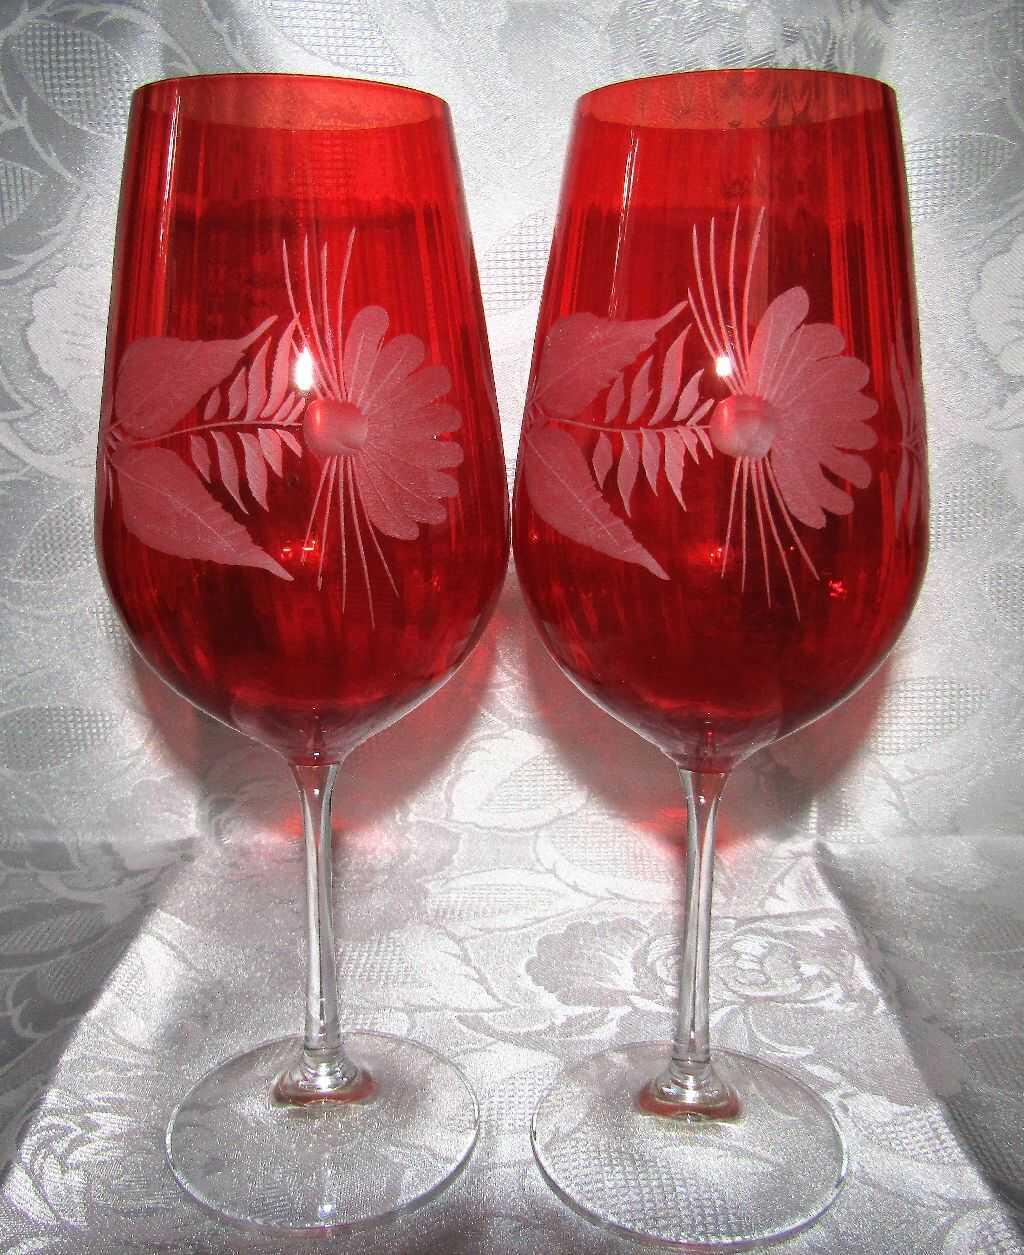 Lužické sklo LsG Nový Bor LsG-Crystal Skleničky optické broušené na červené víno dekor Šípek dárkové balení satén RW-687 600 ml 2 Ks.